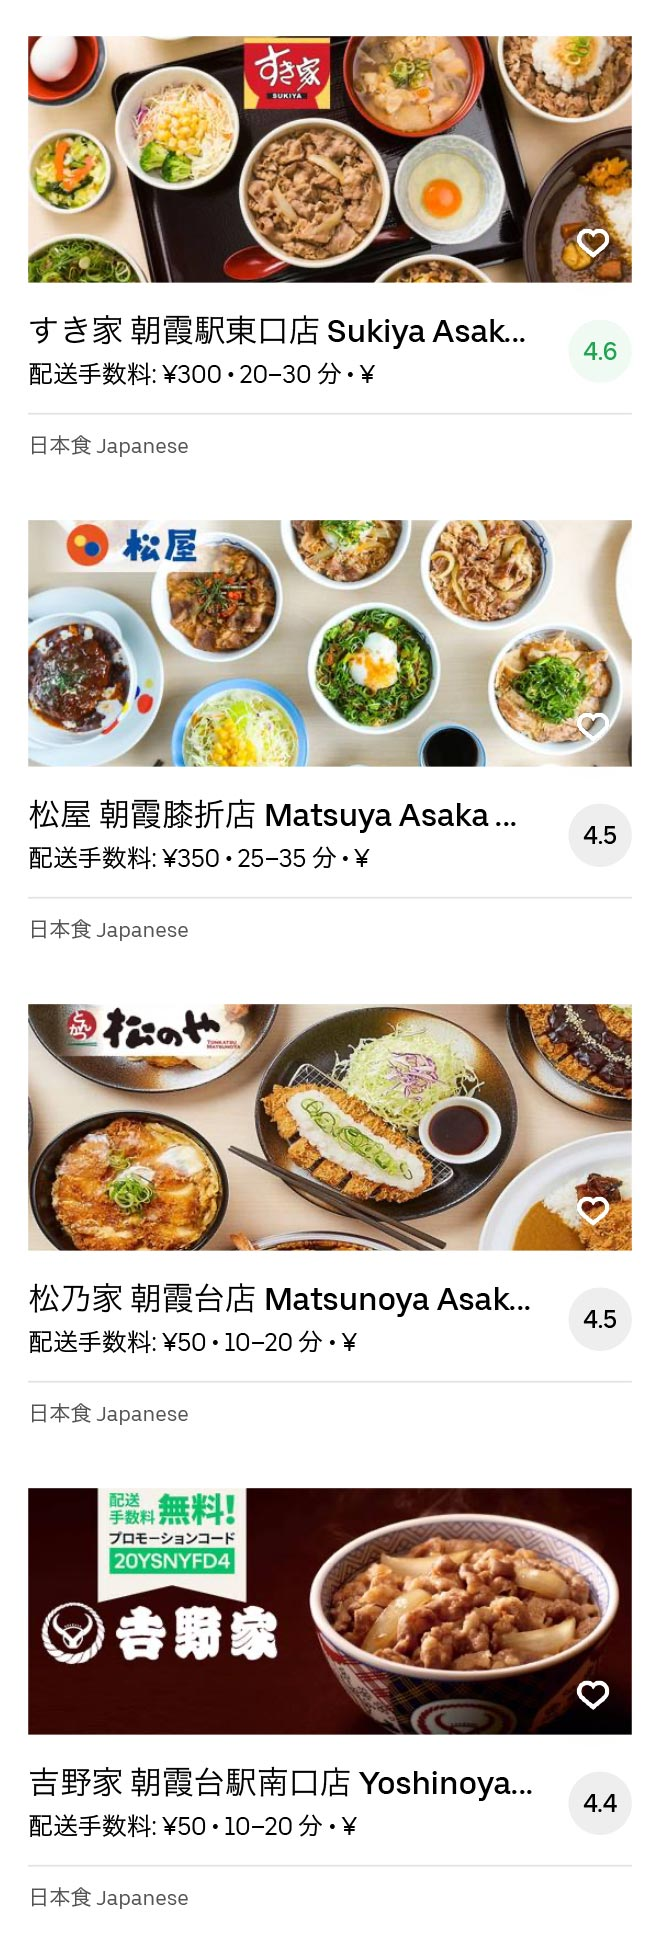 Saitama asaka menu 2004 03